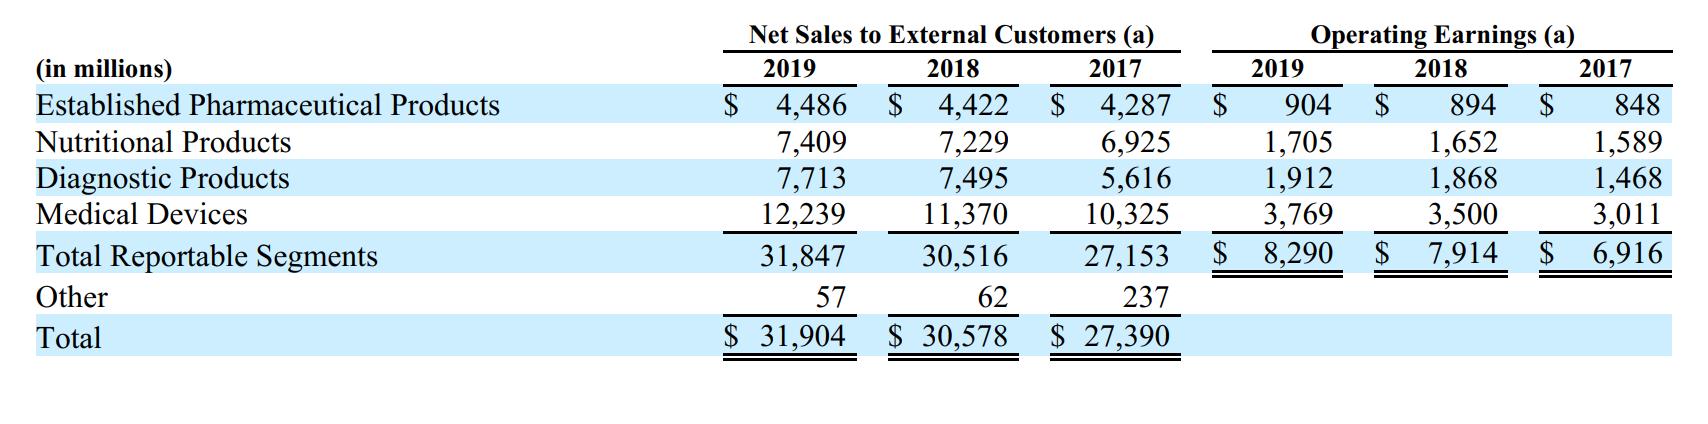 Выручка и прибыль компании по сегментам в миллионах долларов. Источник: годовой отчет компании, стр.82(83)